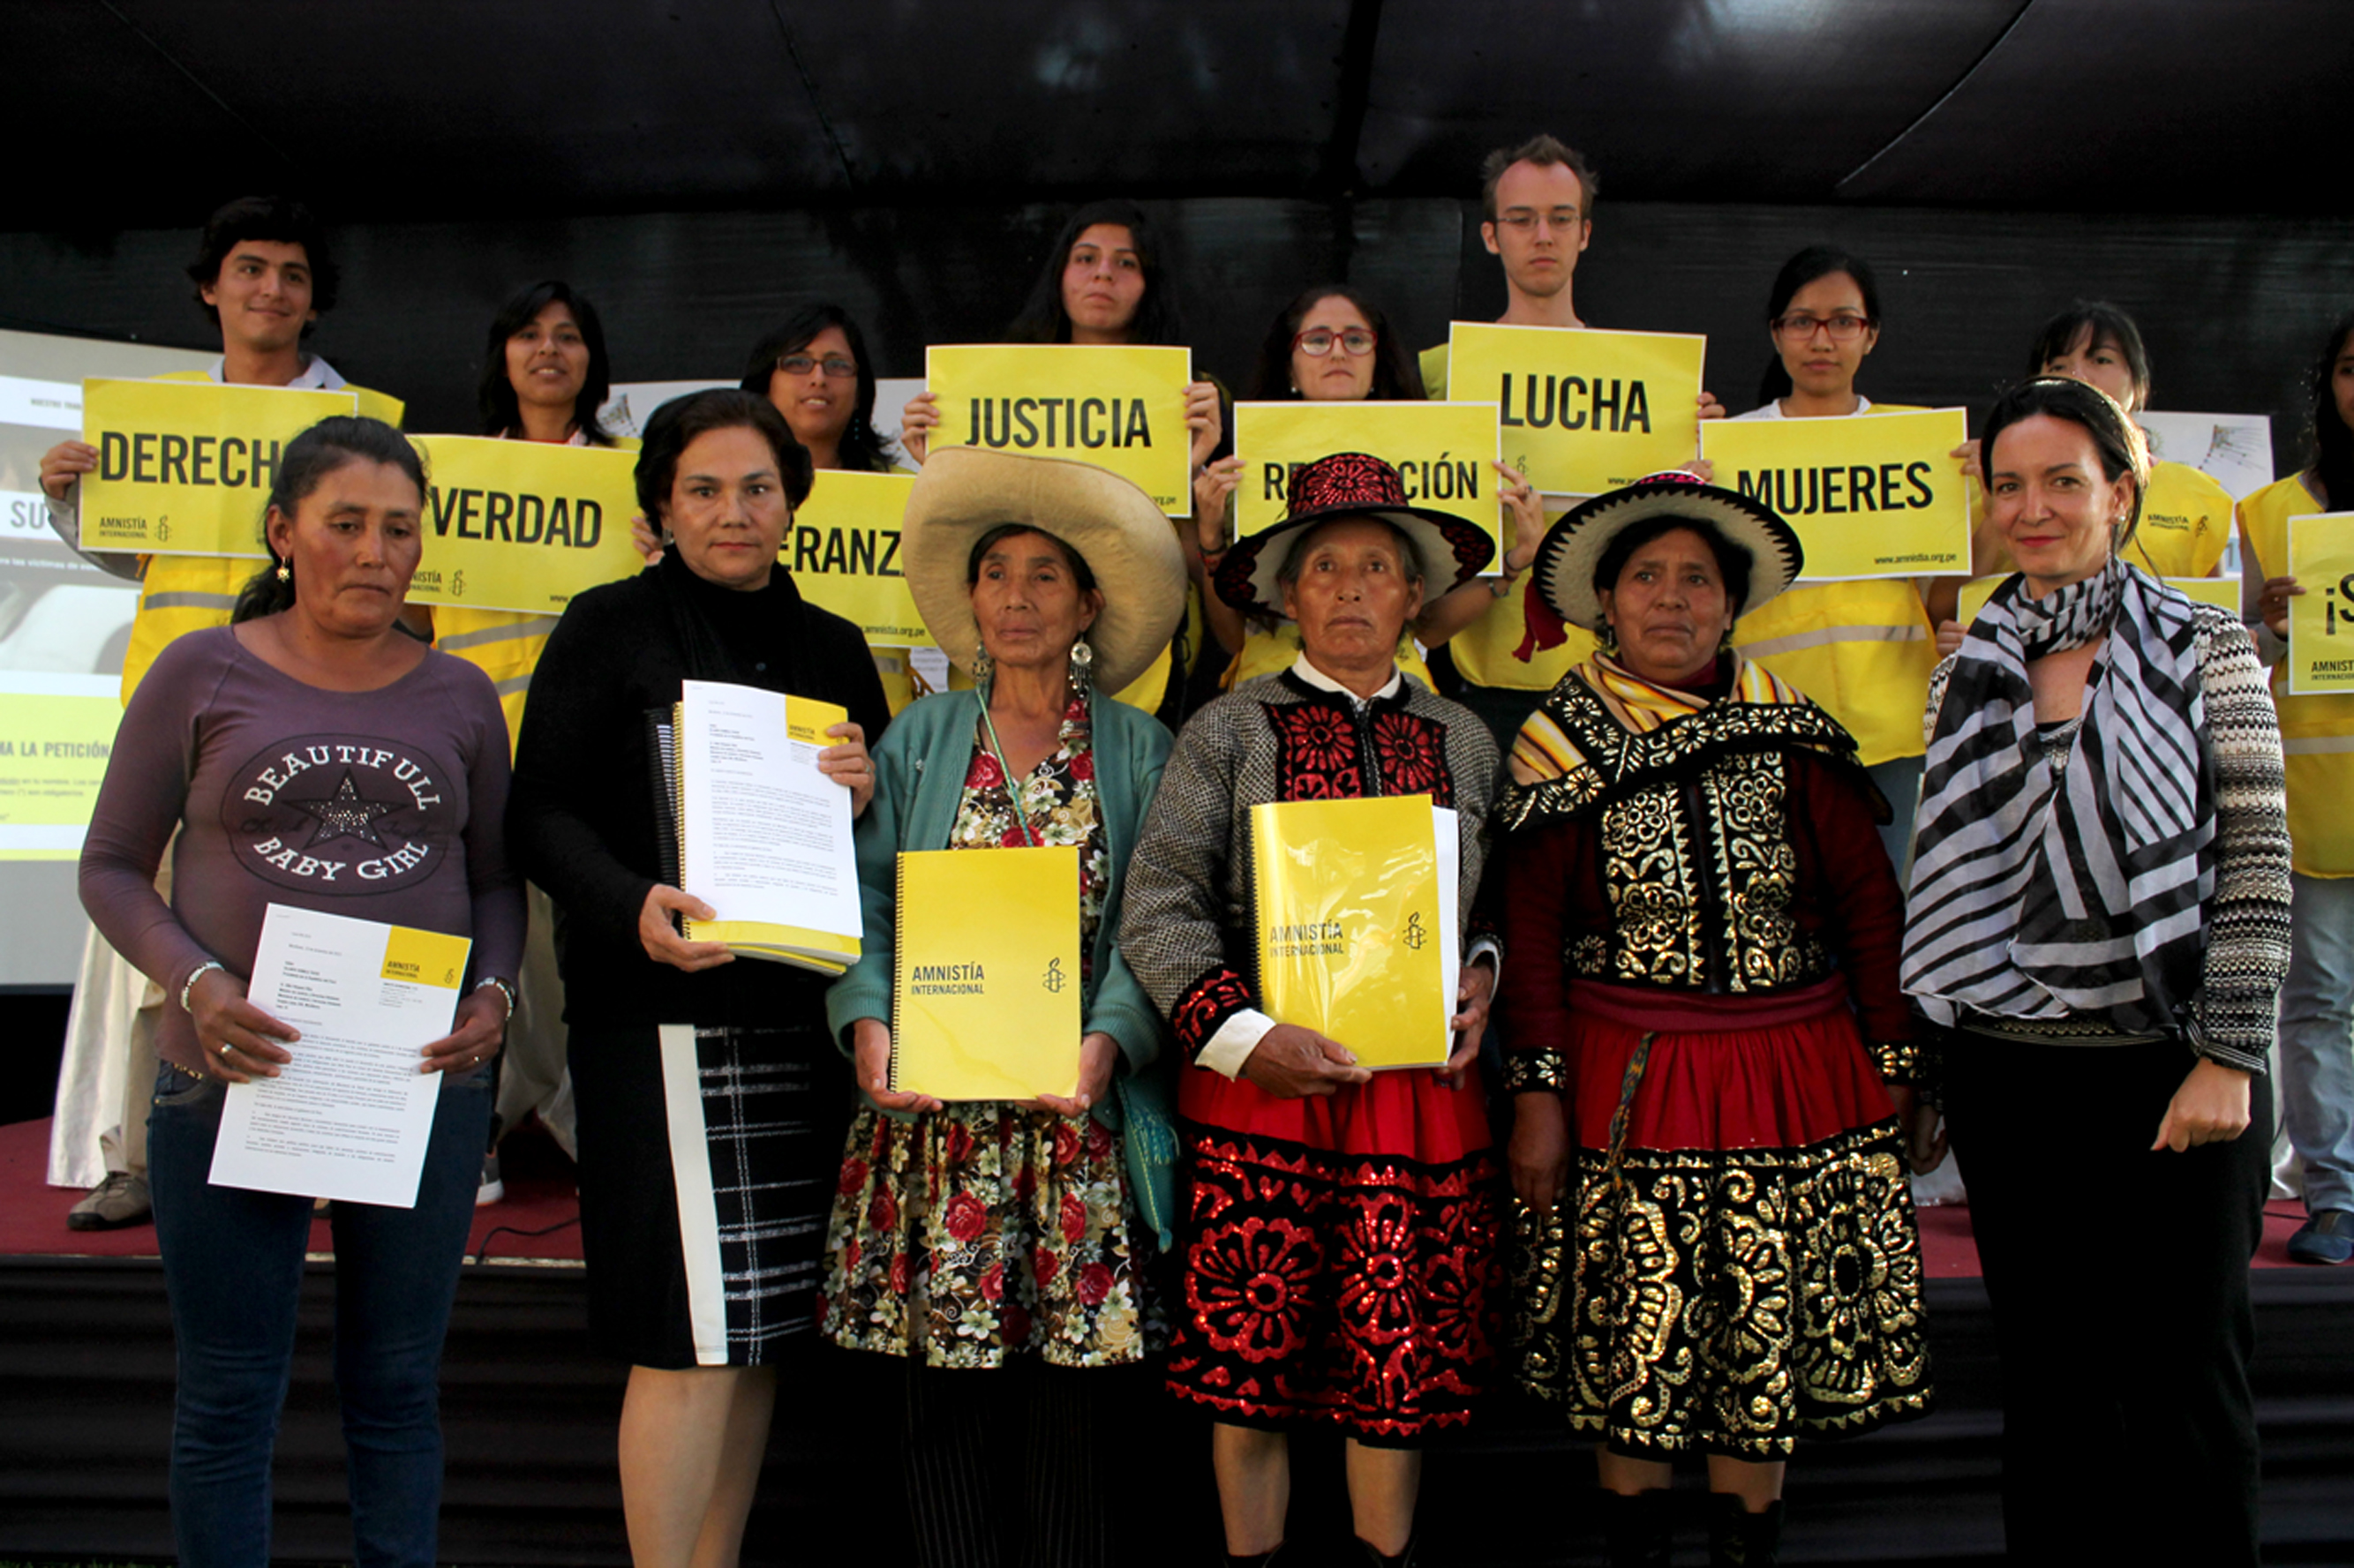 Foto: amnistia.org.pe